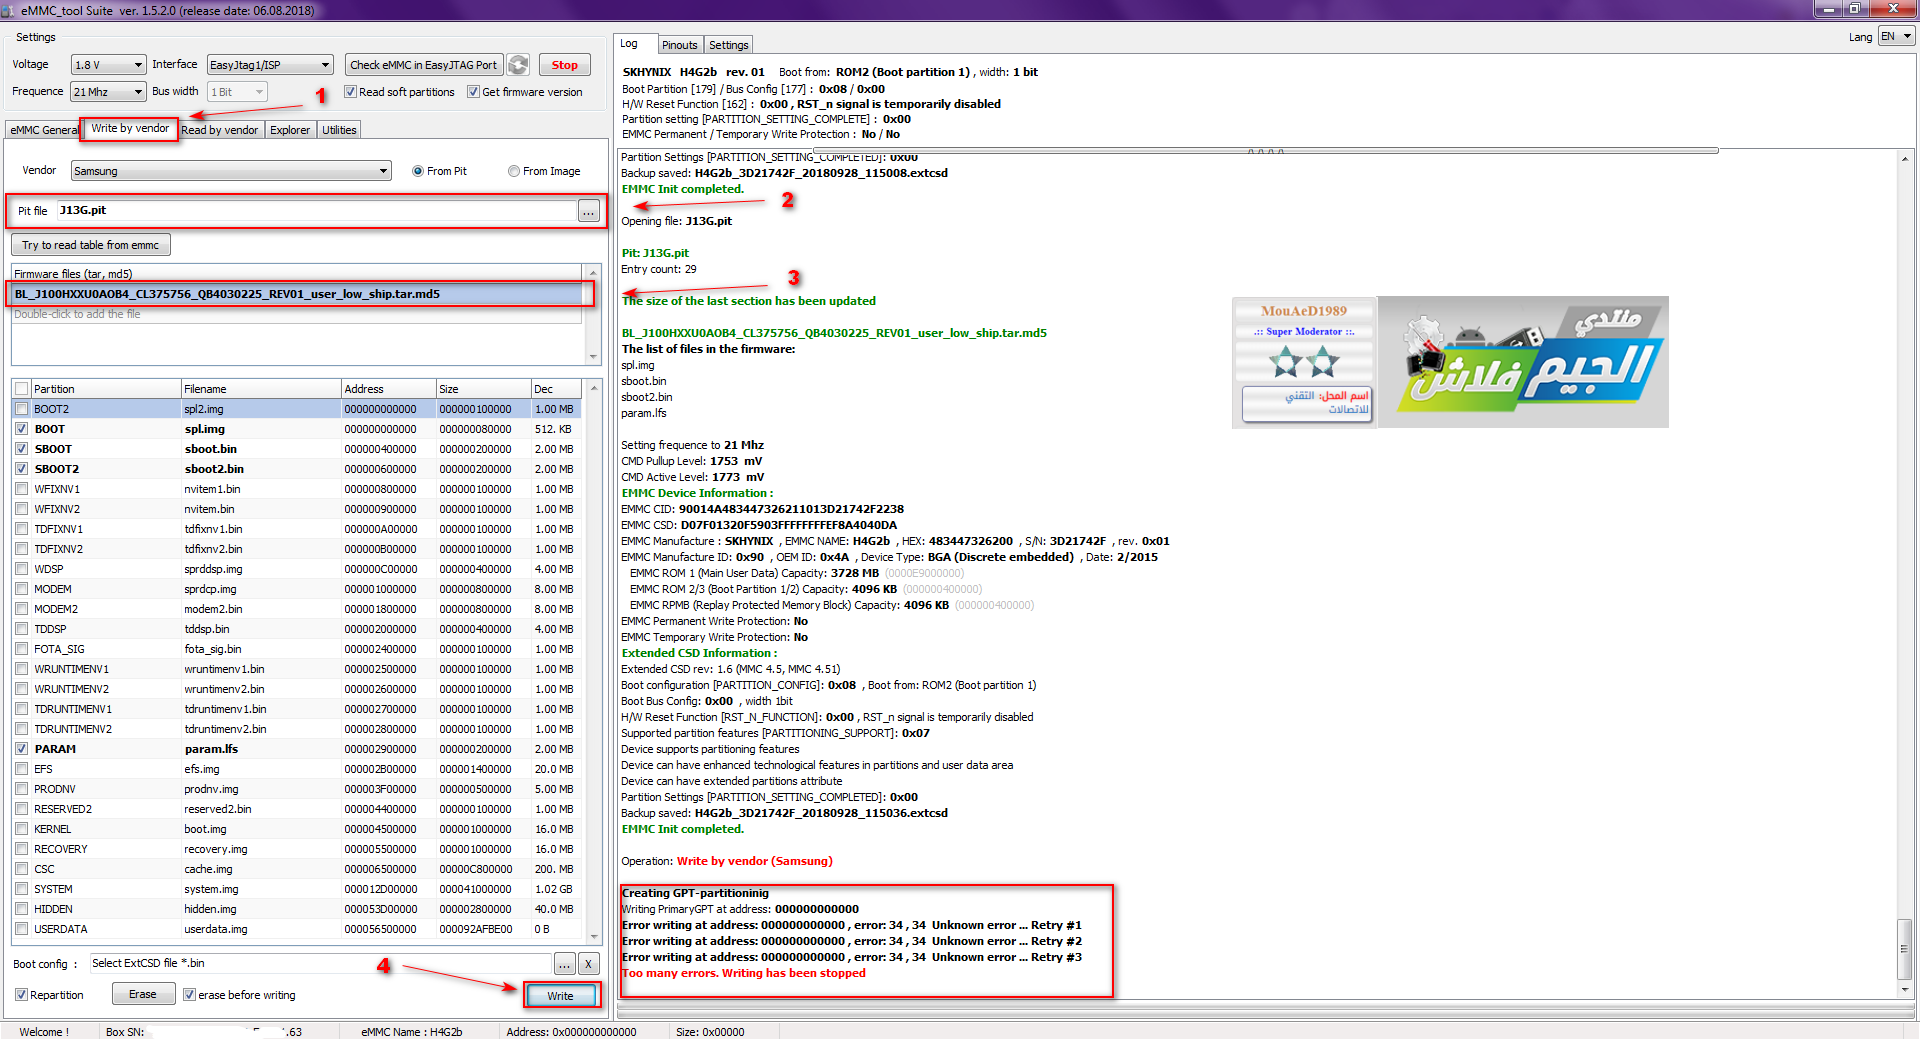 الطريقة الصحيحة لبرمجة وتغيير هارد j100H بستخدام EasyJtag